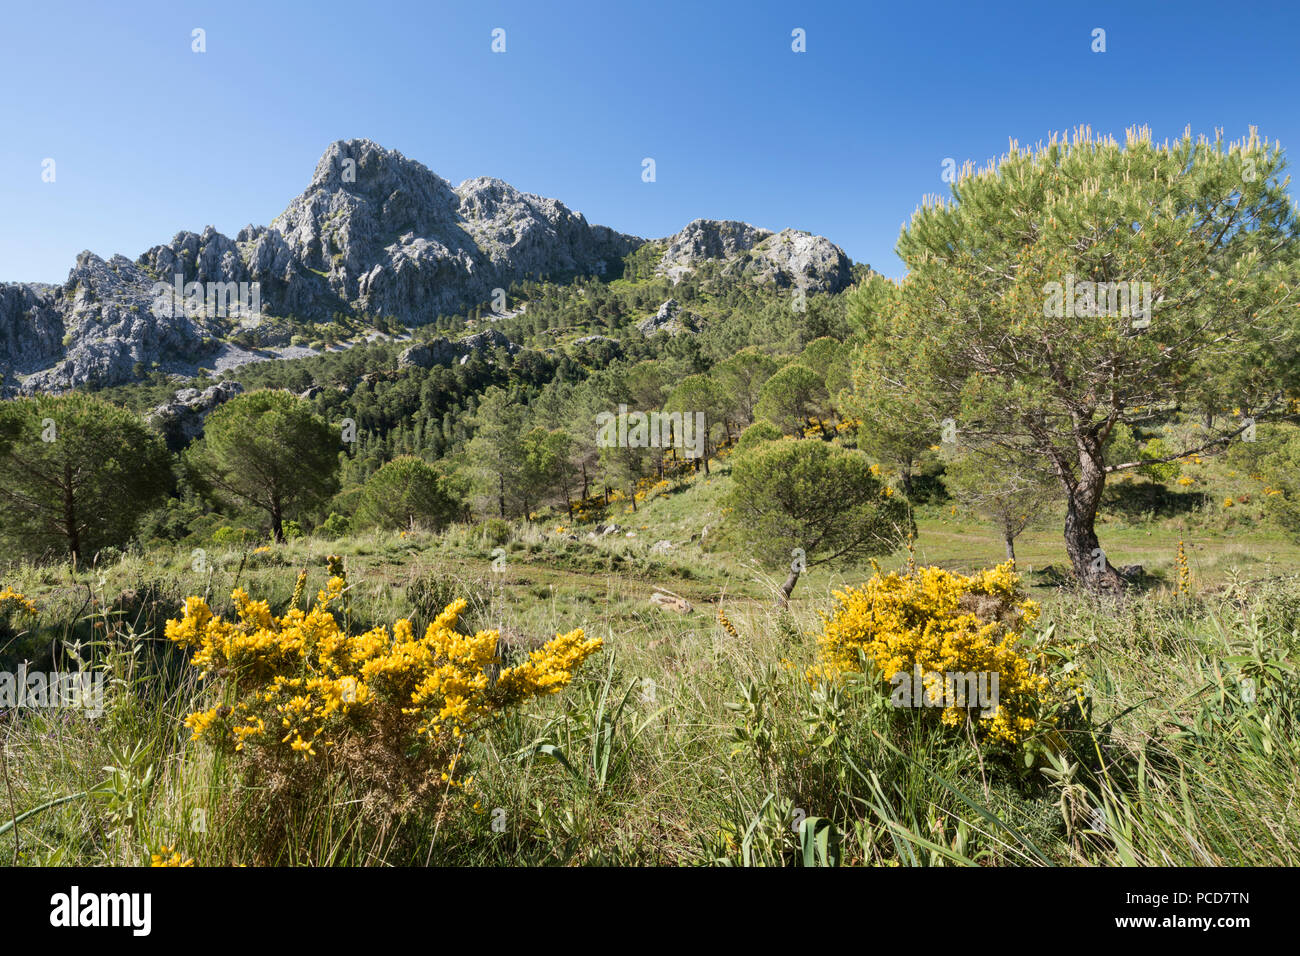 Robusto del paesaggio di montagna in primavera vicino a Grazalema, Sierra de Grazalema parco naturale, Andalusia, Spagna, Europa Immagini Stock